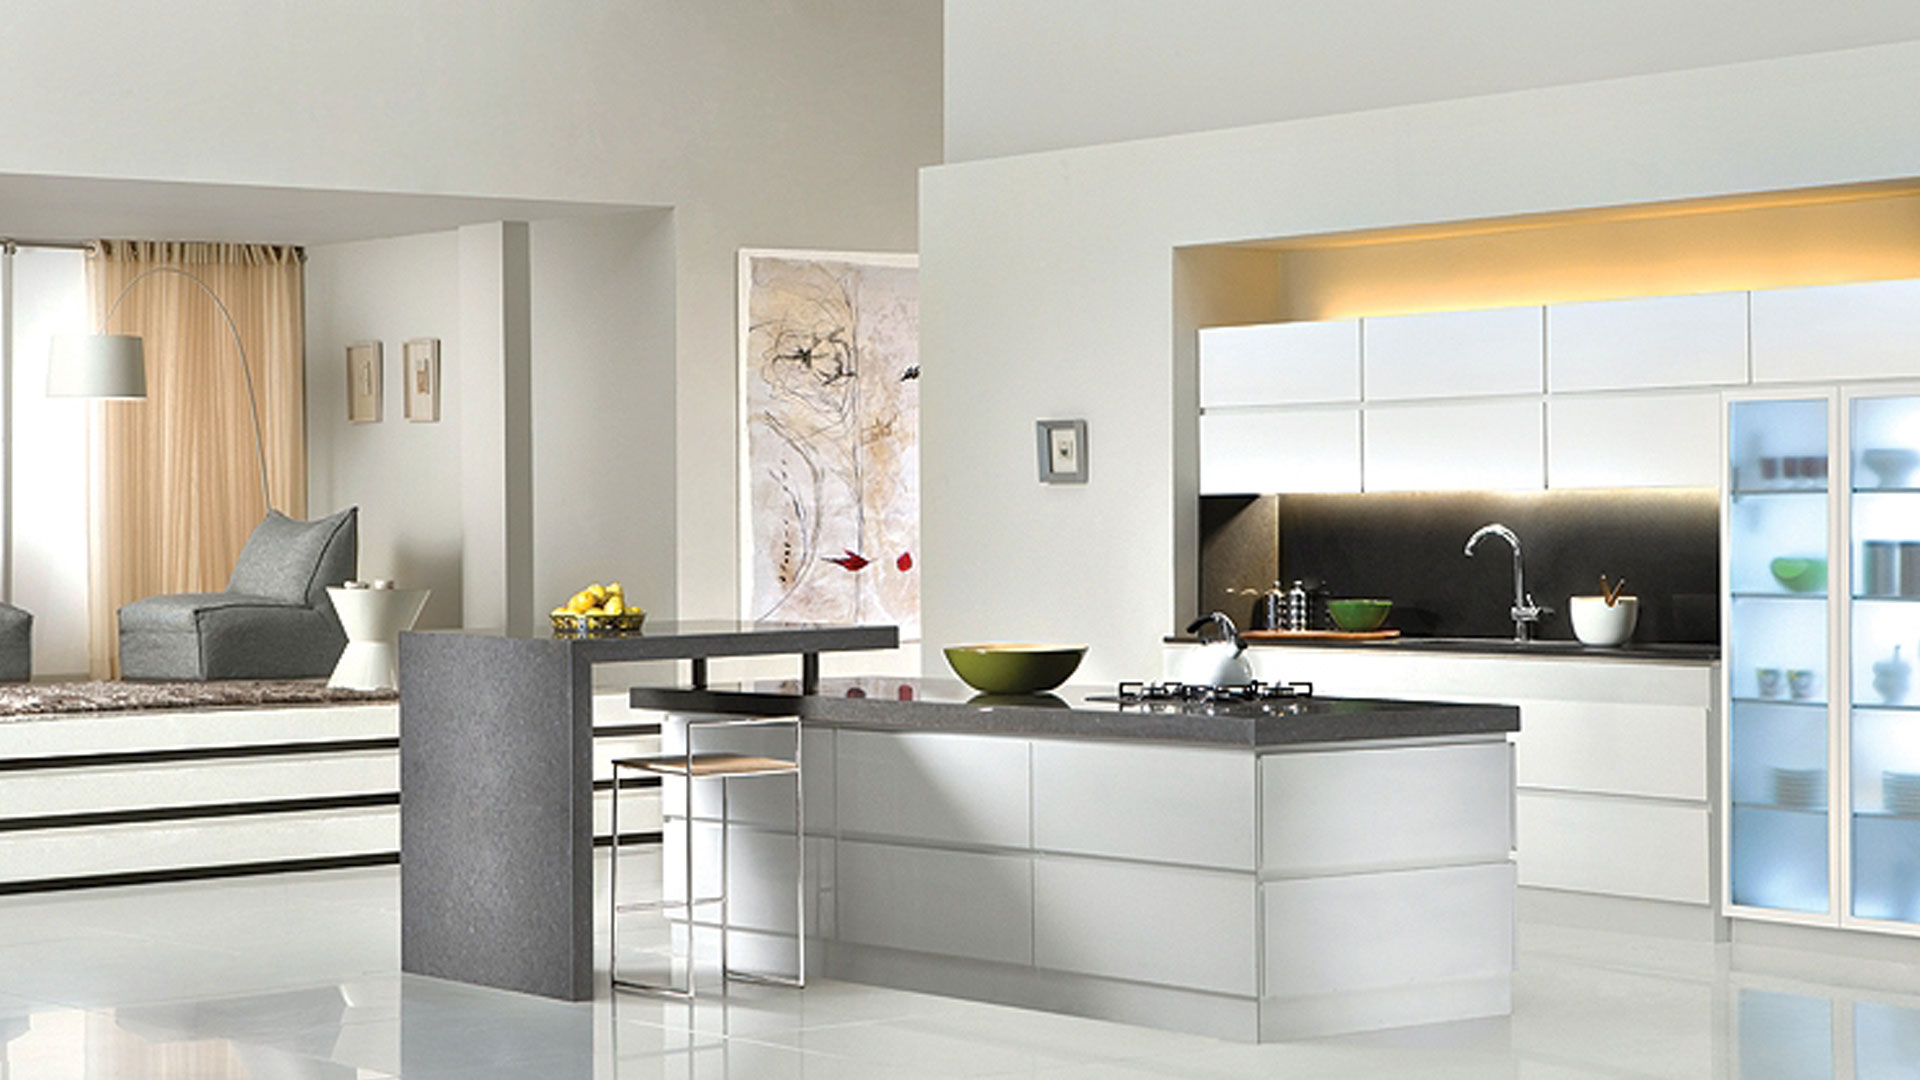 Kitchen Design Trends | My Decorative